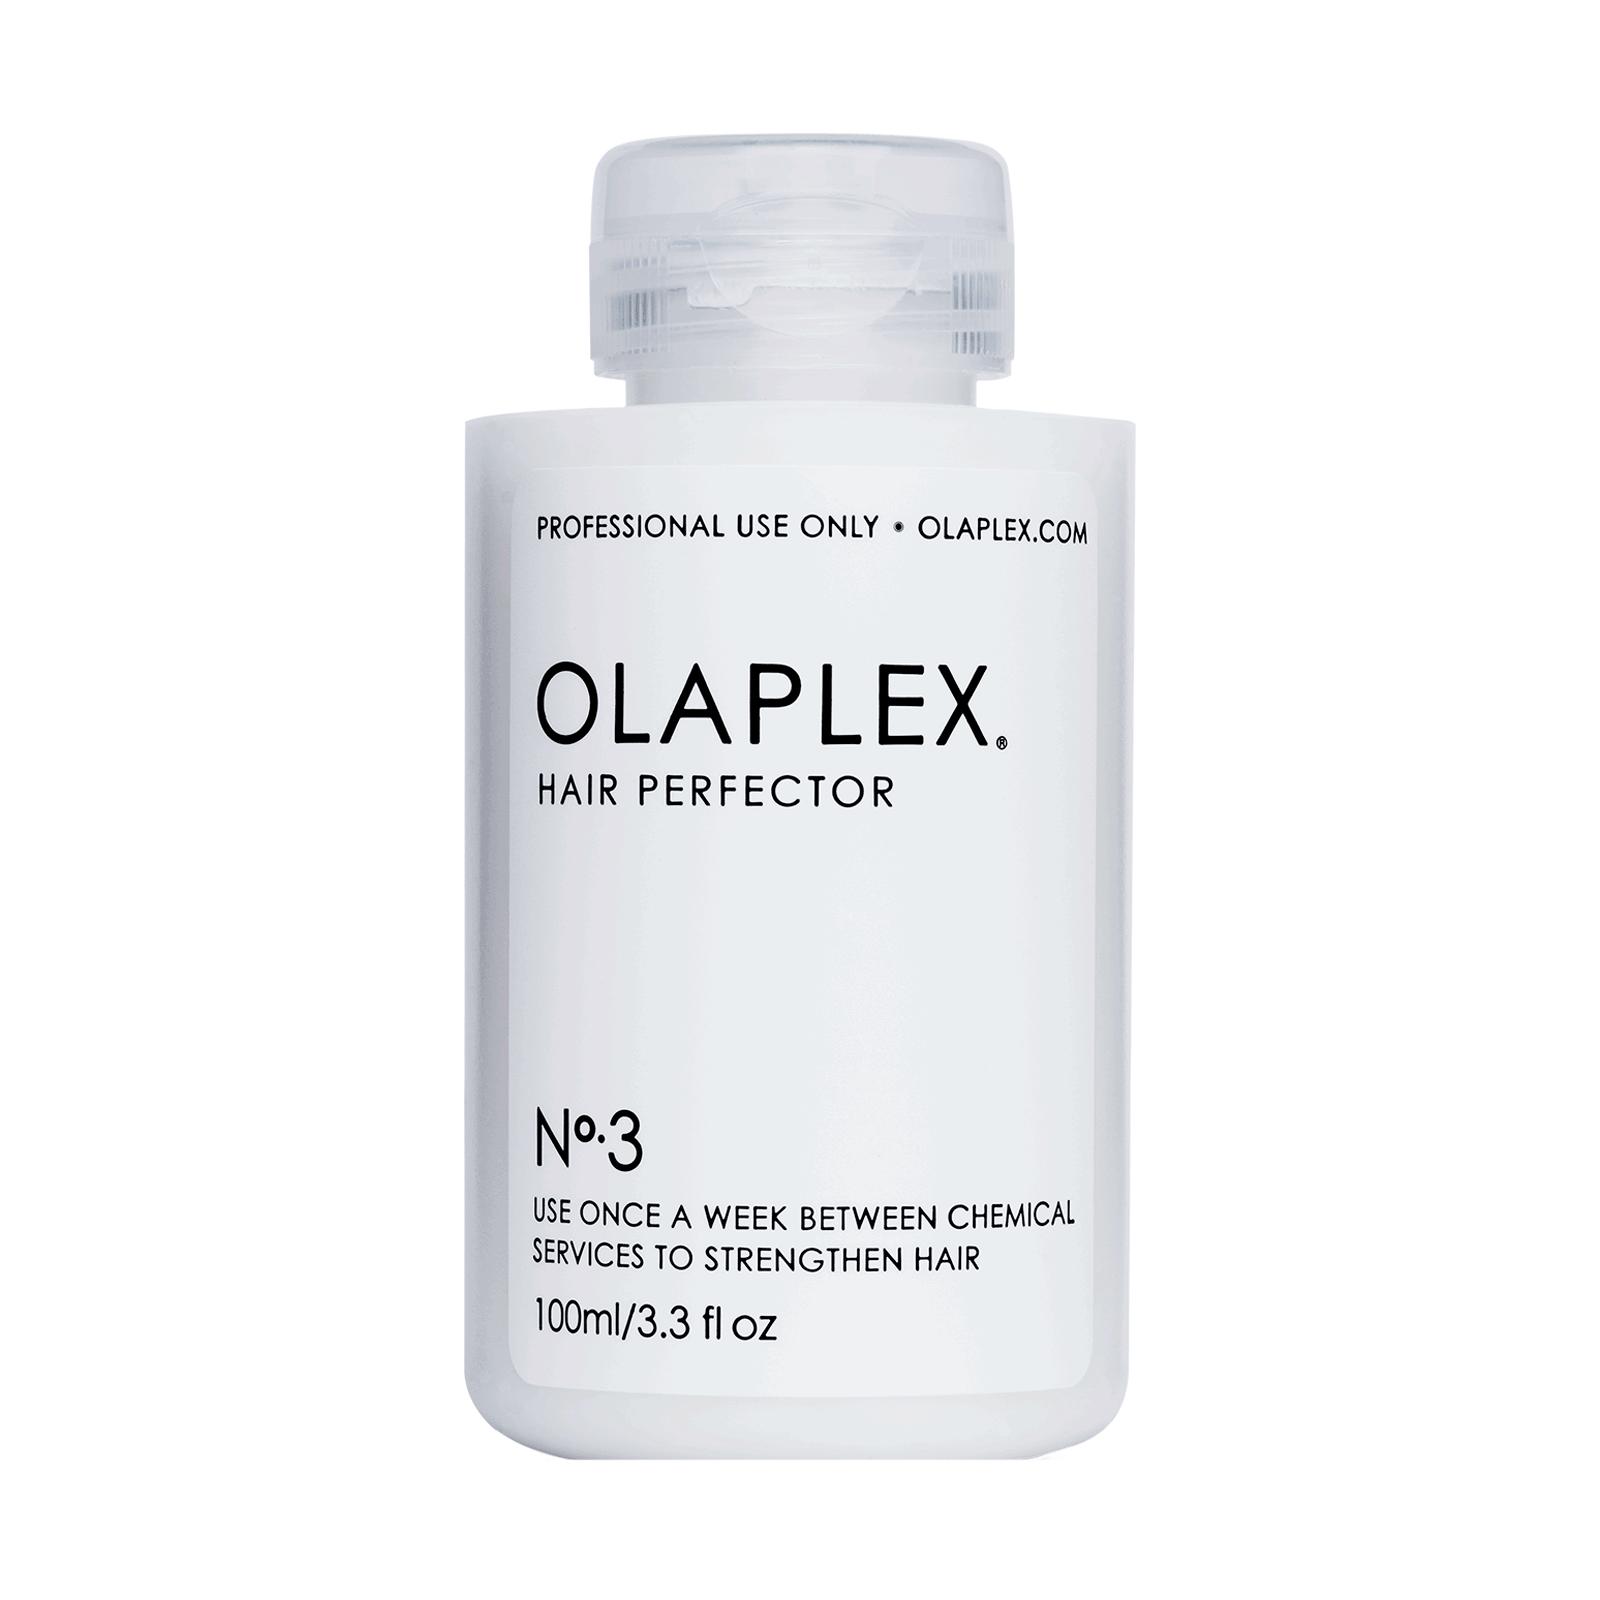 Olaplex No. 3 Hair Perfector Take Home